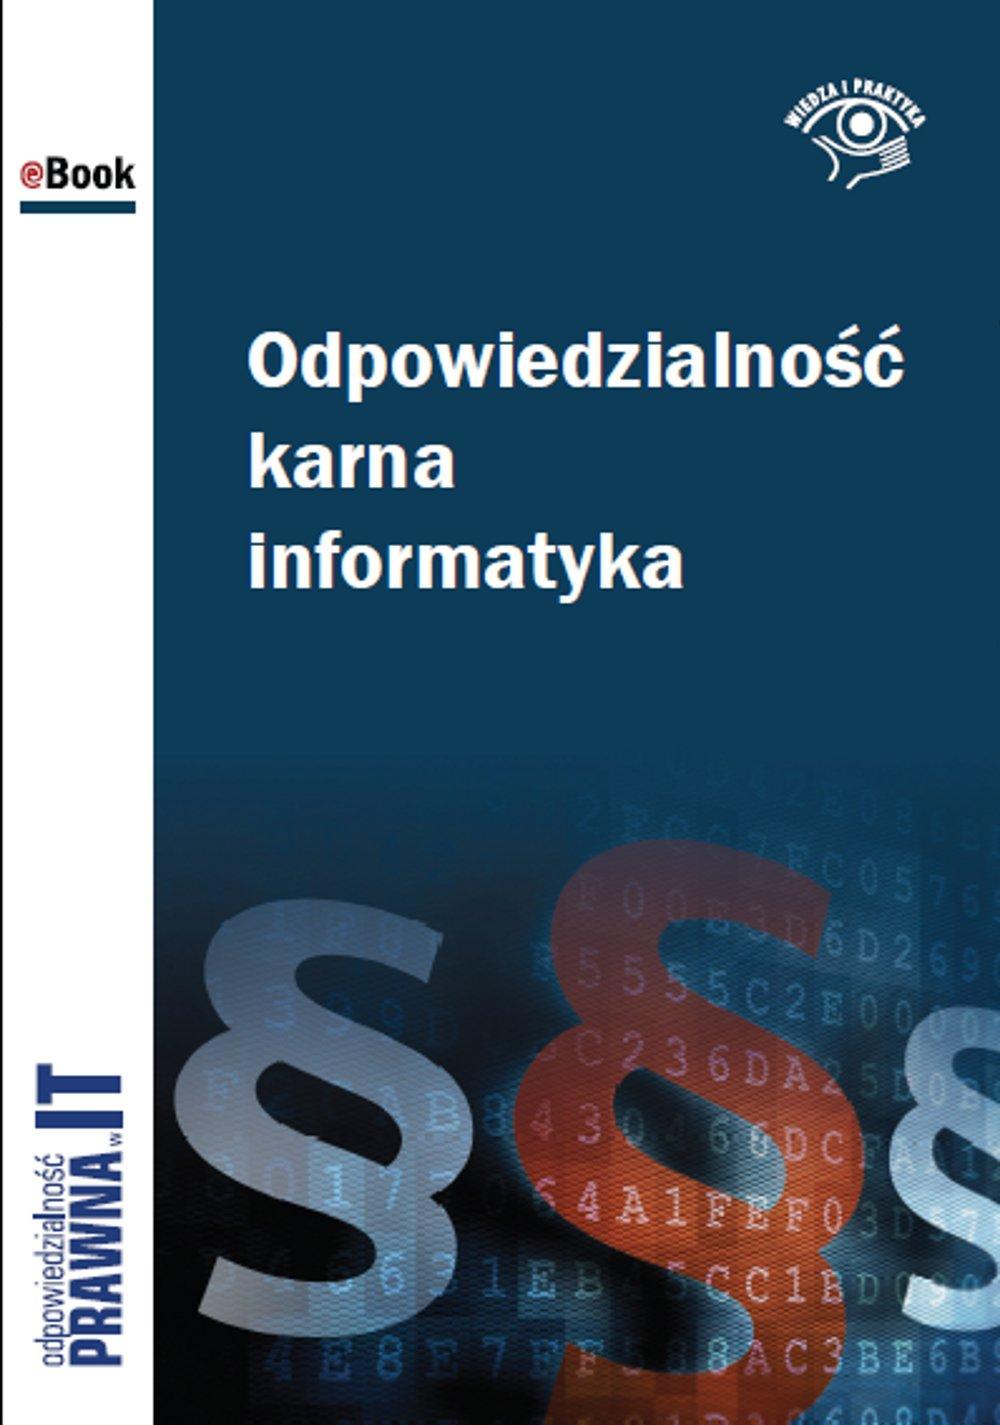 Odpowiedzialność karna informatyka - Ebook (Książka PDF) do pobrania w formacie PDF